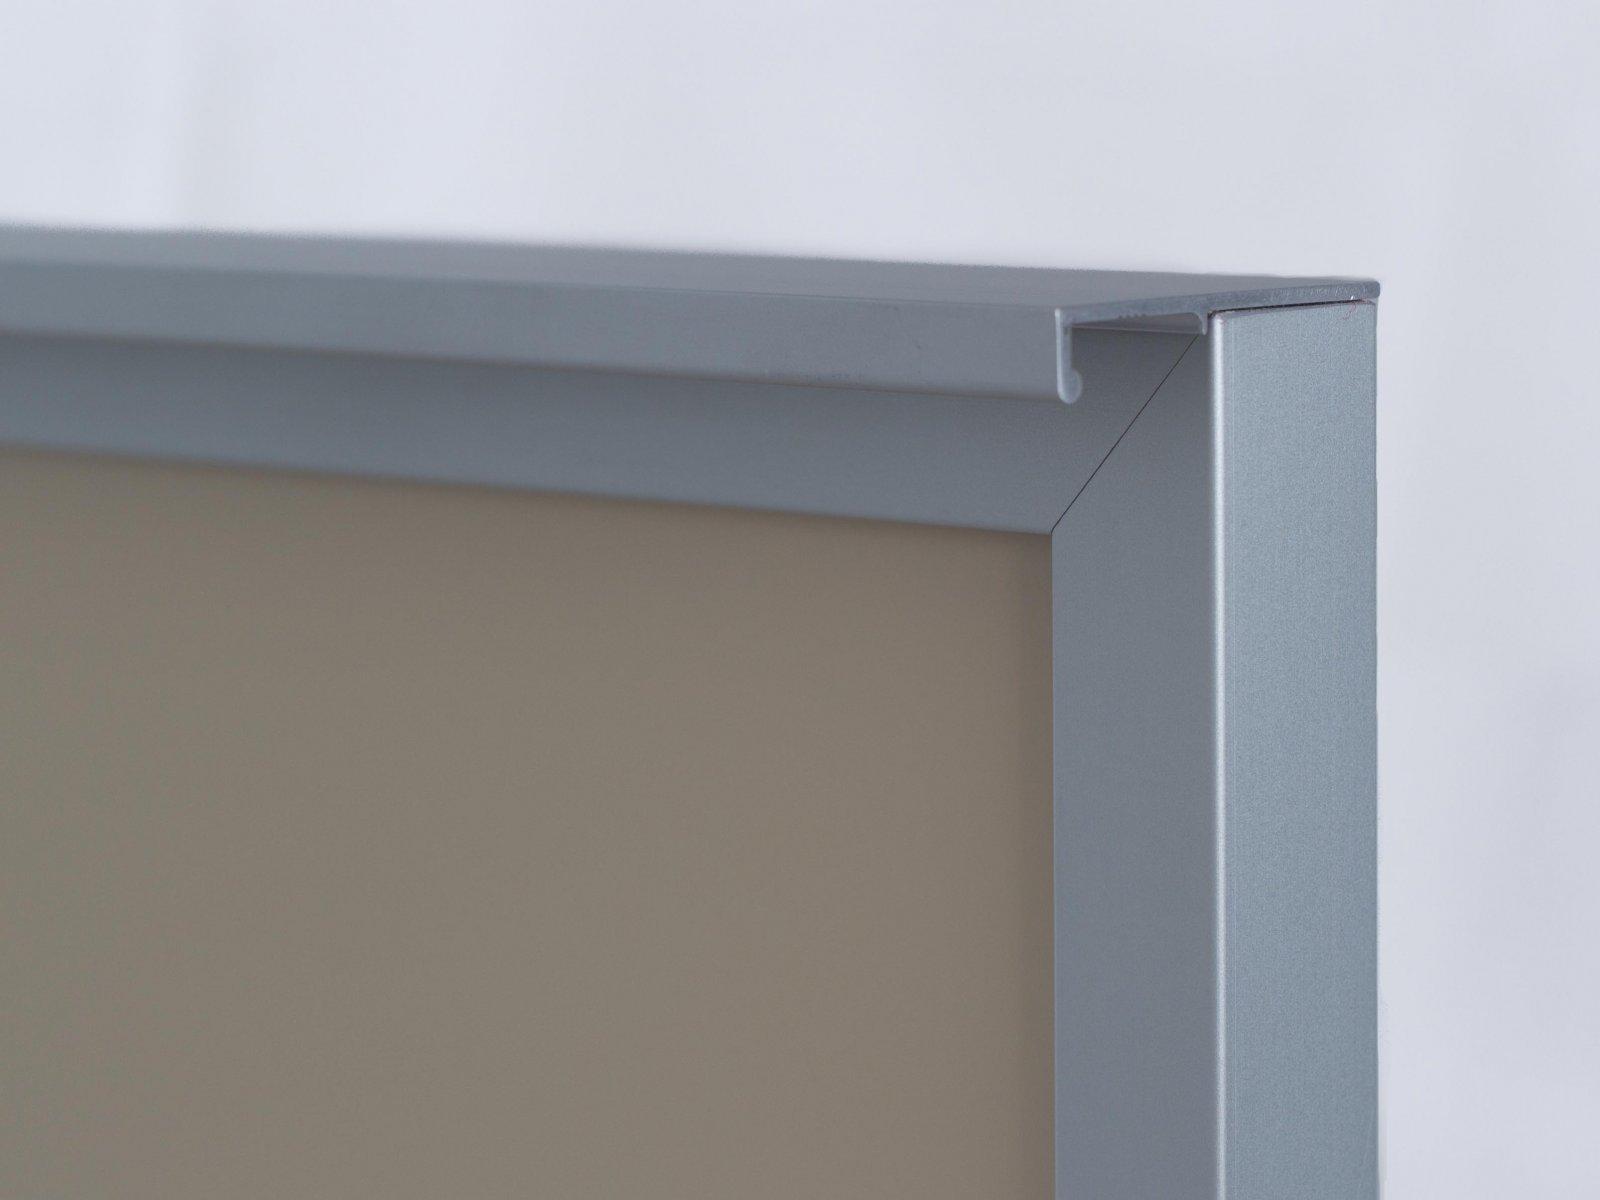 Porta-11 (Perfil V07 mate + puxador L04 mate + vidro lacado bege)